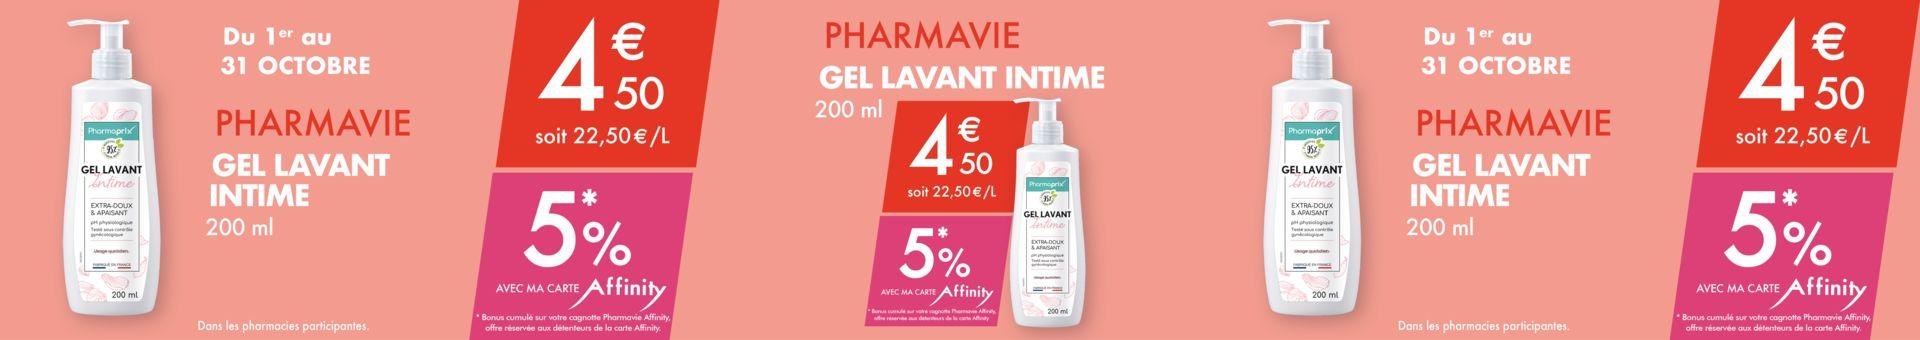 Pharmacie Du Centre Clamart,Clamart